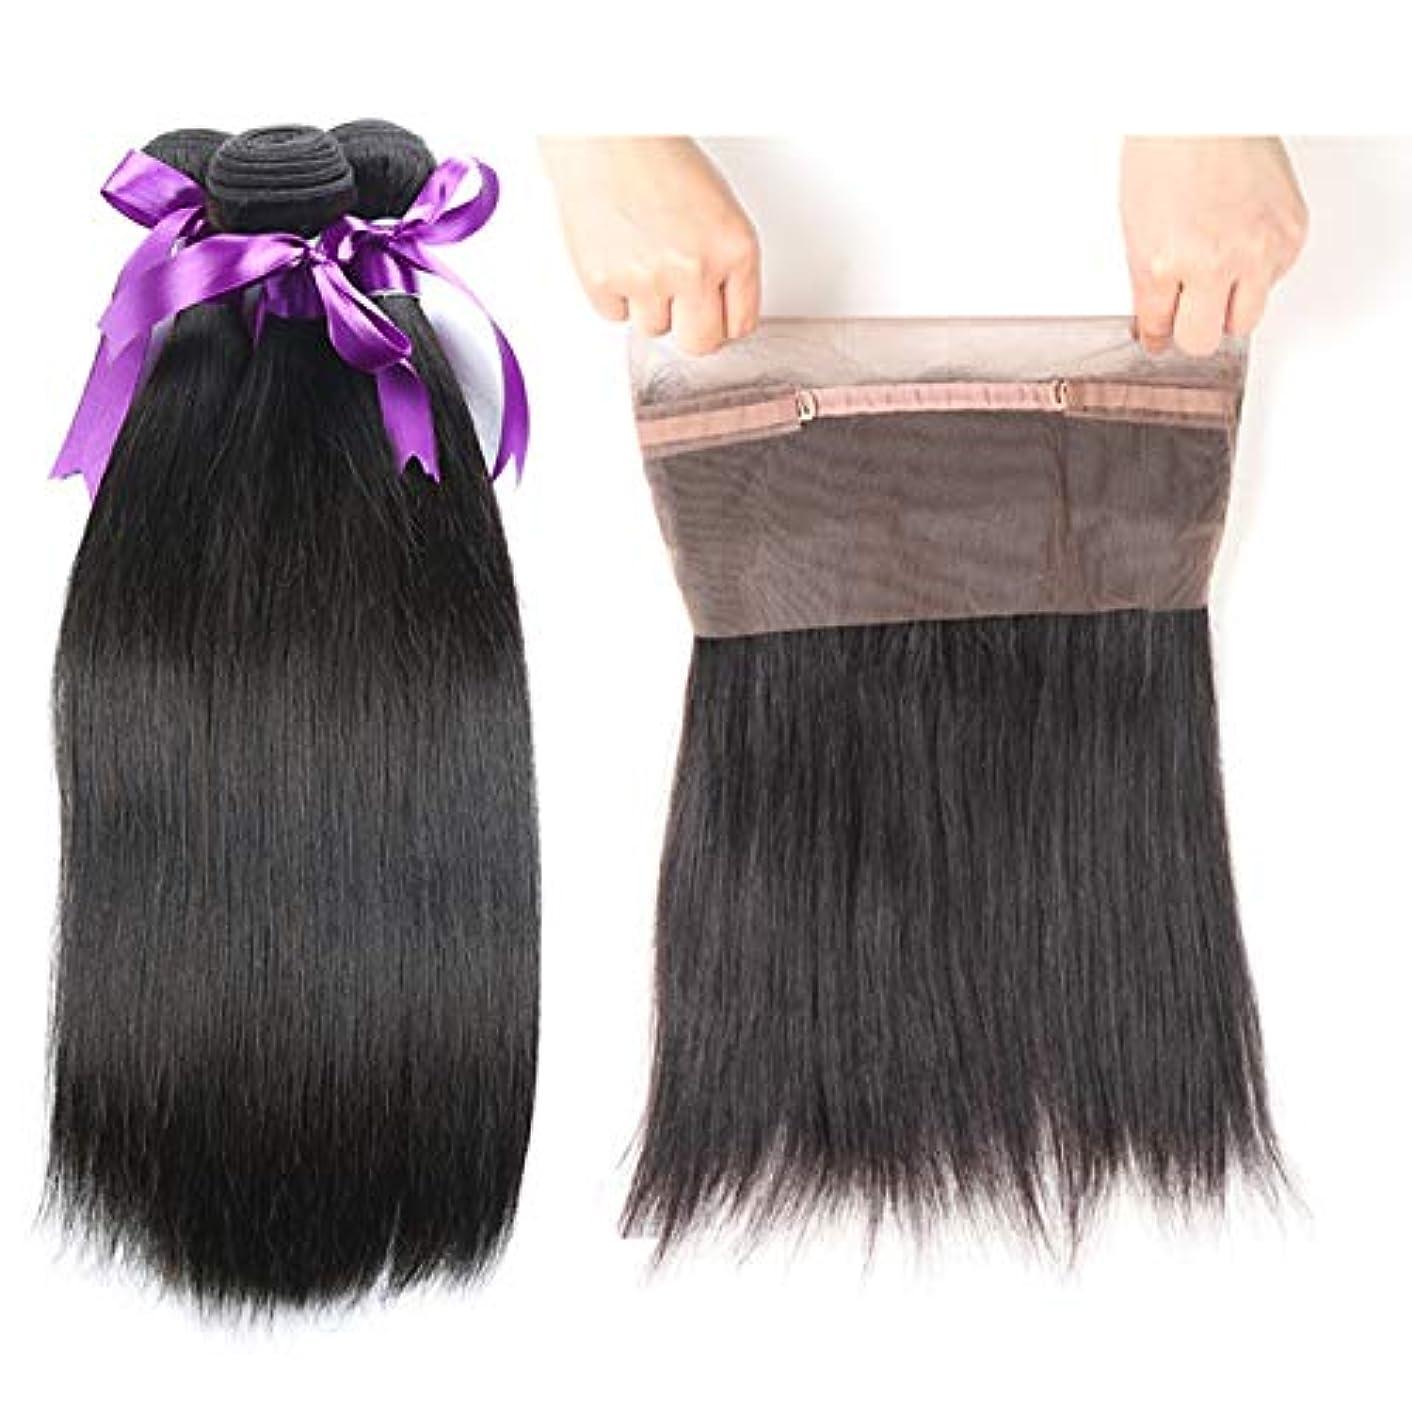 いう参照セクションペルーのストレートボディーヘア360束前頭閉鎖3束人間の髪の毛の束閉鎖Non-Remy (Length : 24 24 24 Closure20)